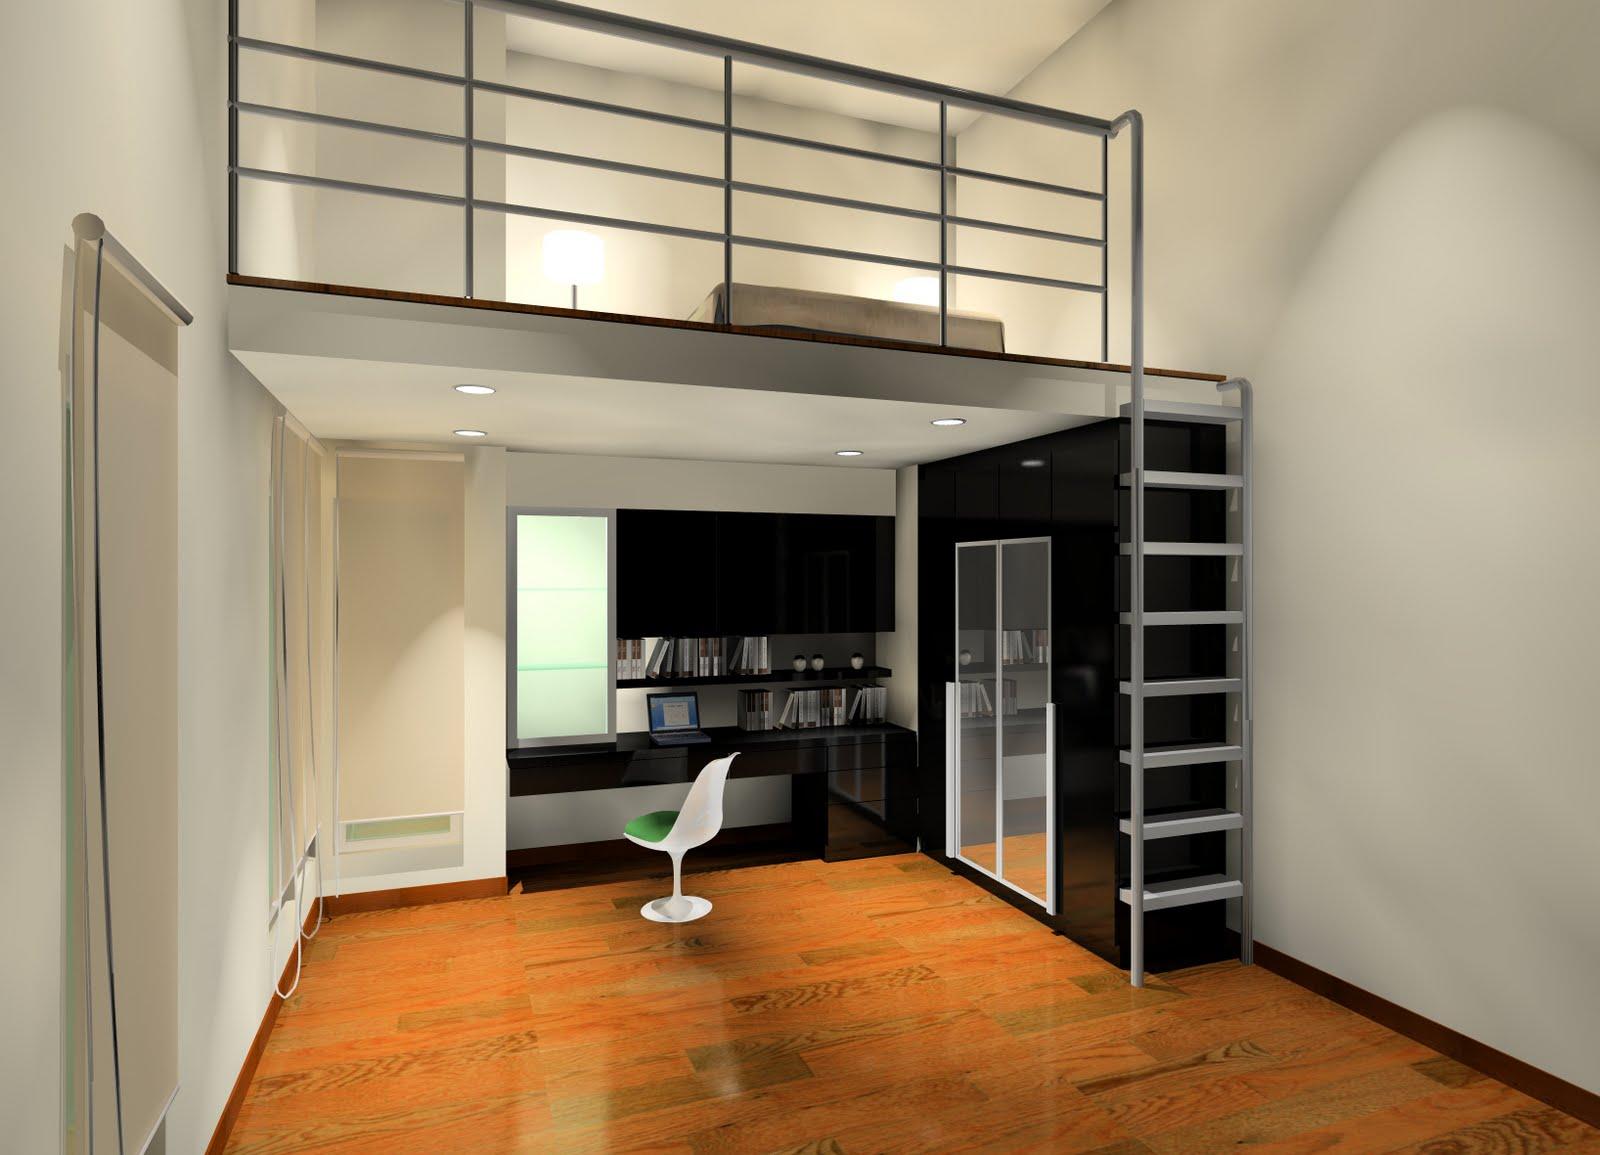 Phòng ngủ trên bếp 5